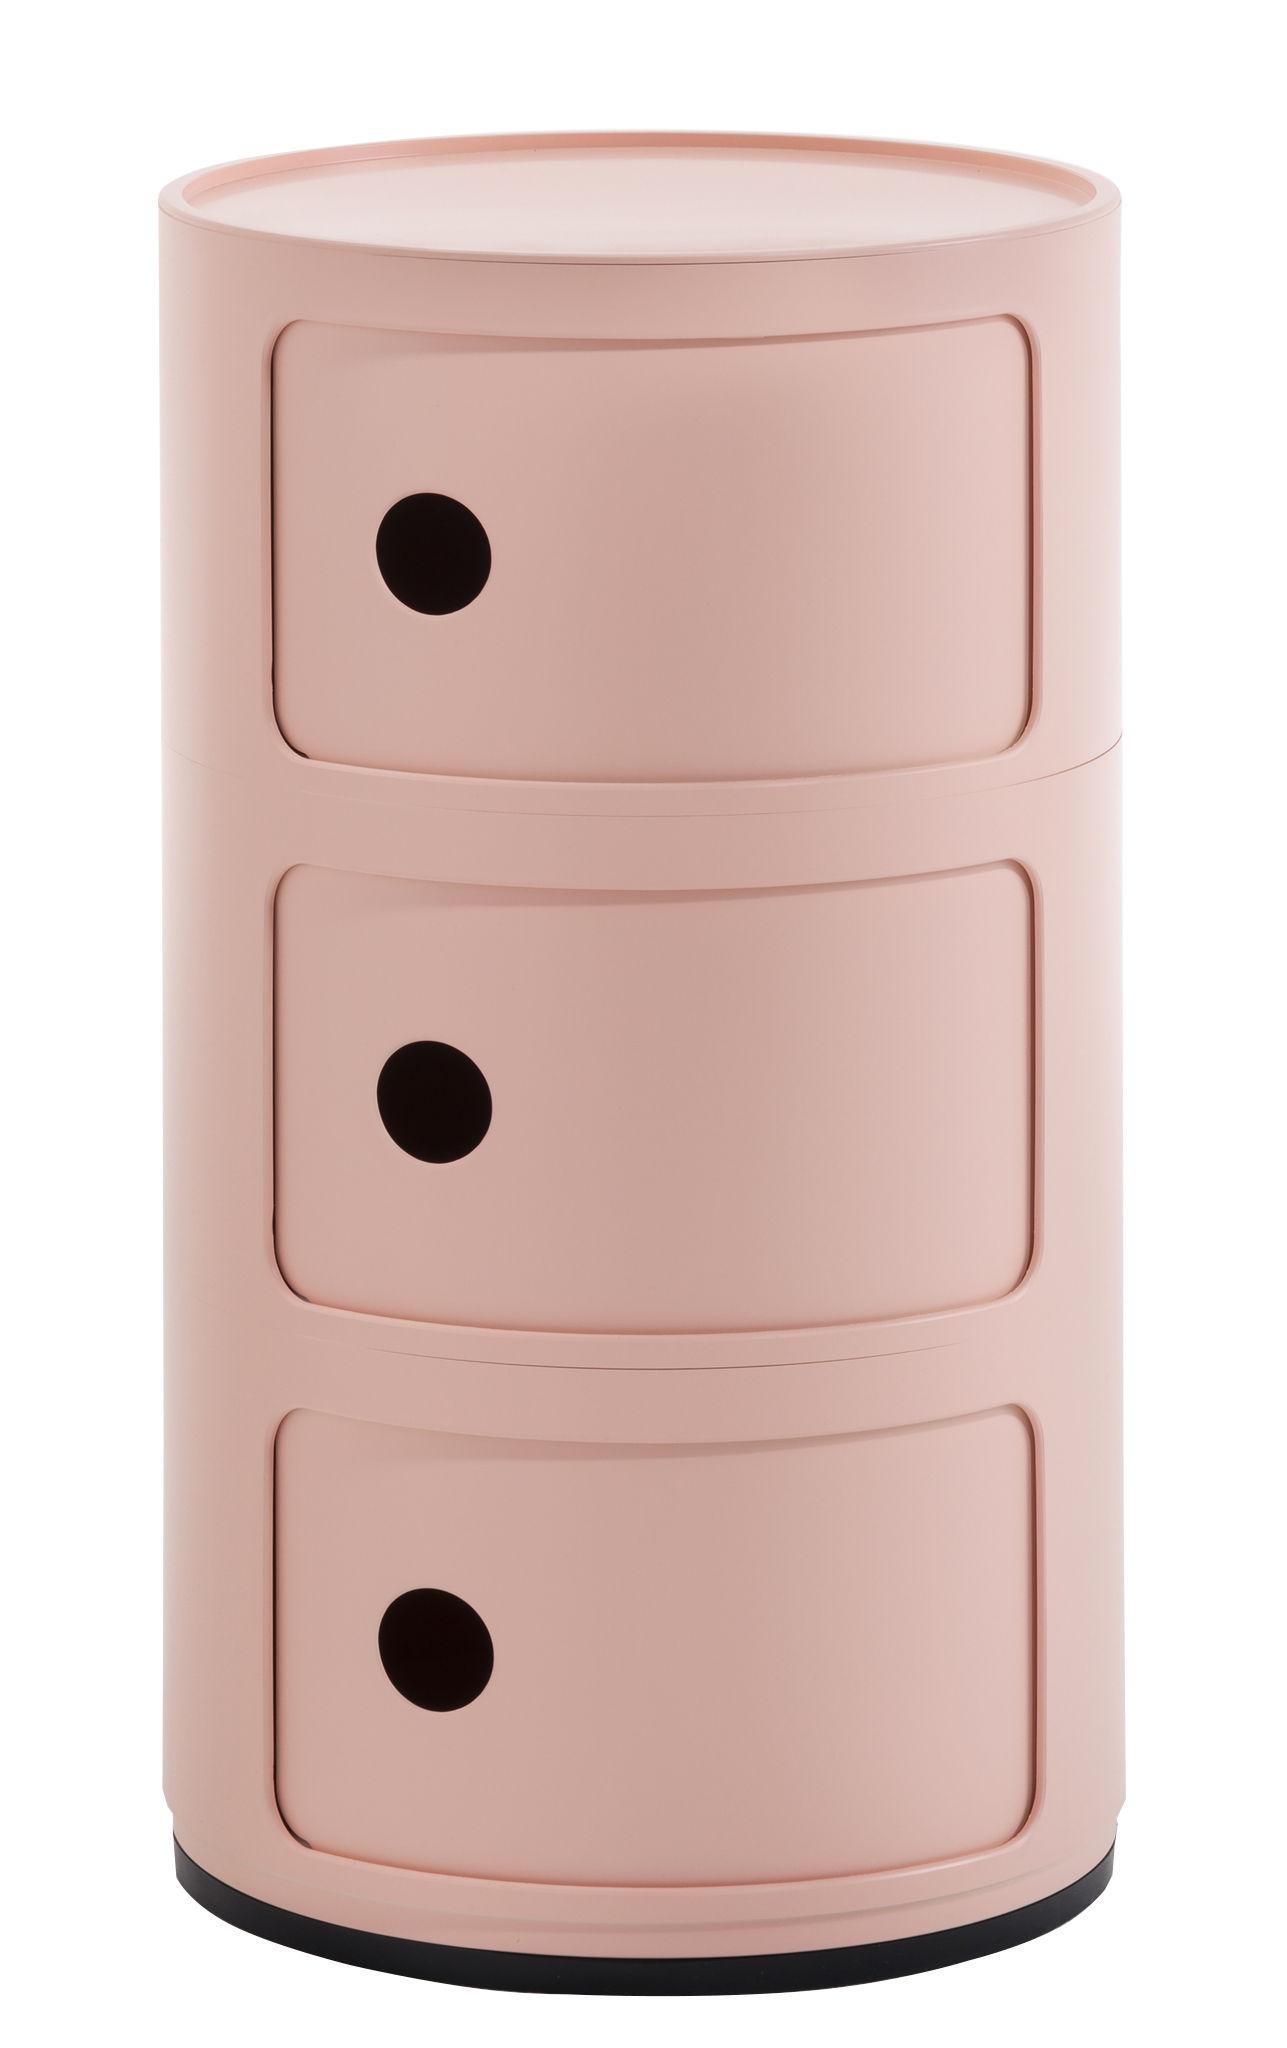 Arredamento - Tavolini  - Portaoggetti Componibili Bio - / 3 cassetti - Materiale naturale & biodegradabile di Kartell - Rosa - Bioplastica Bio-On